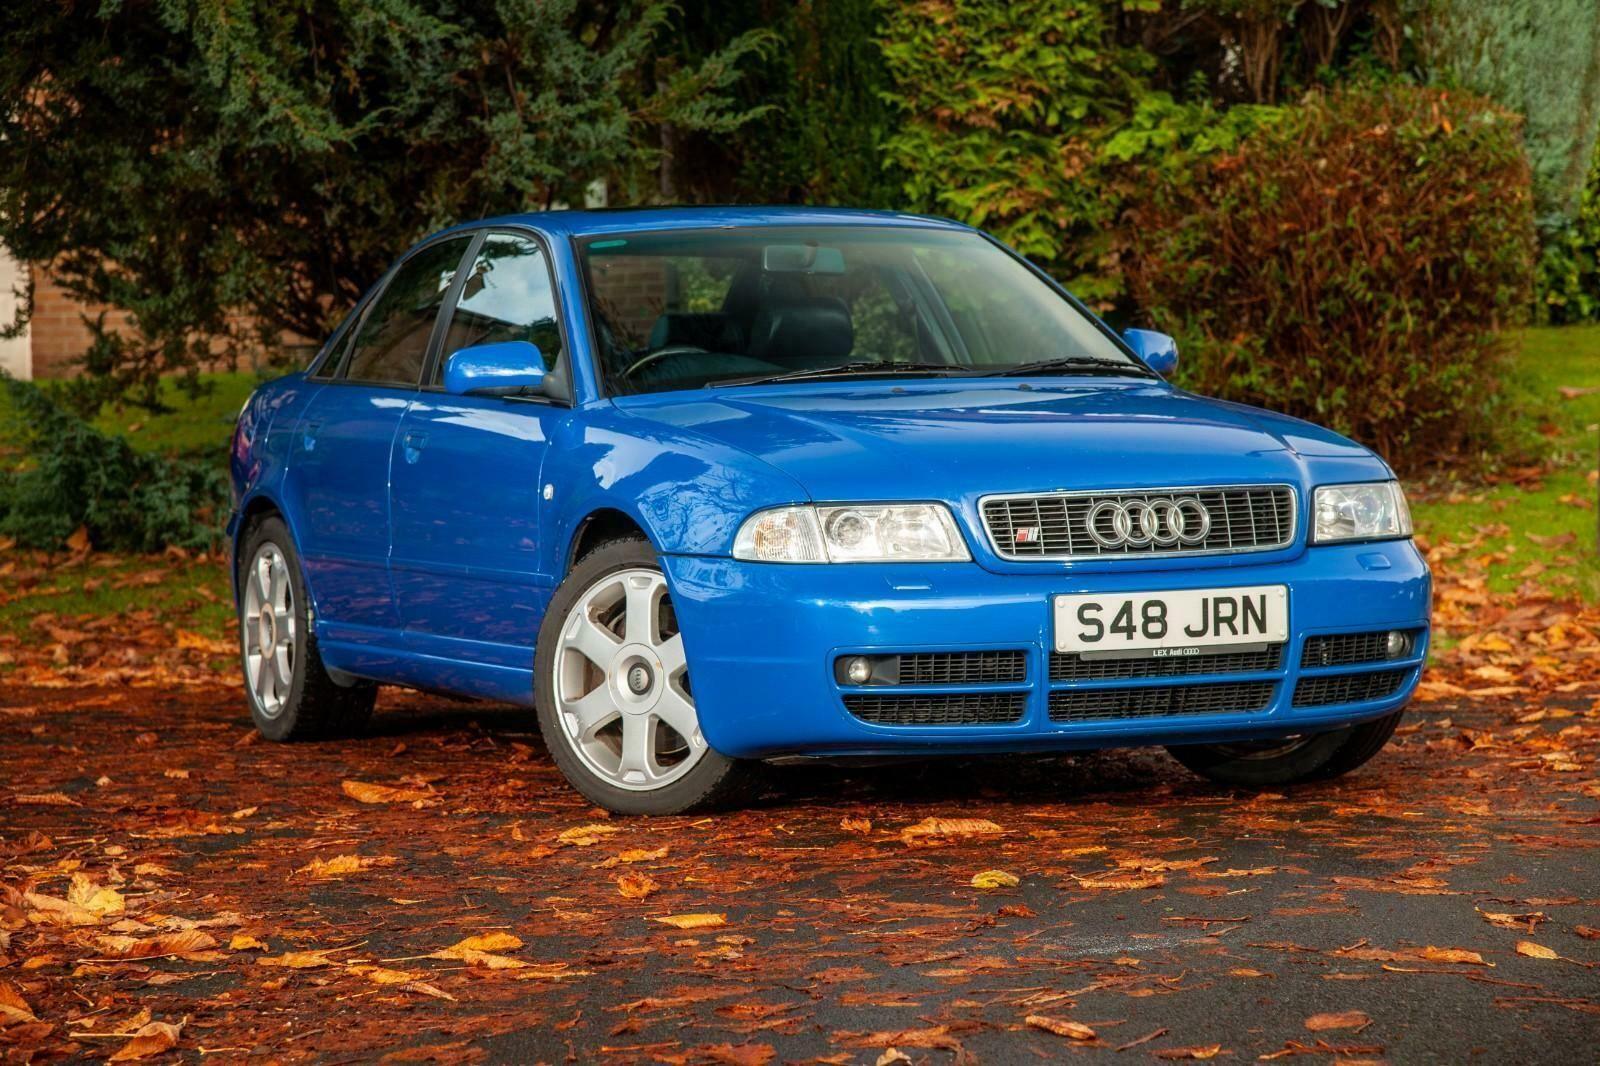 1998 Audi S4 #audi #s4 #classiccar #retrocar #futureclassic